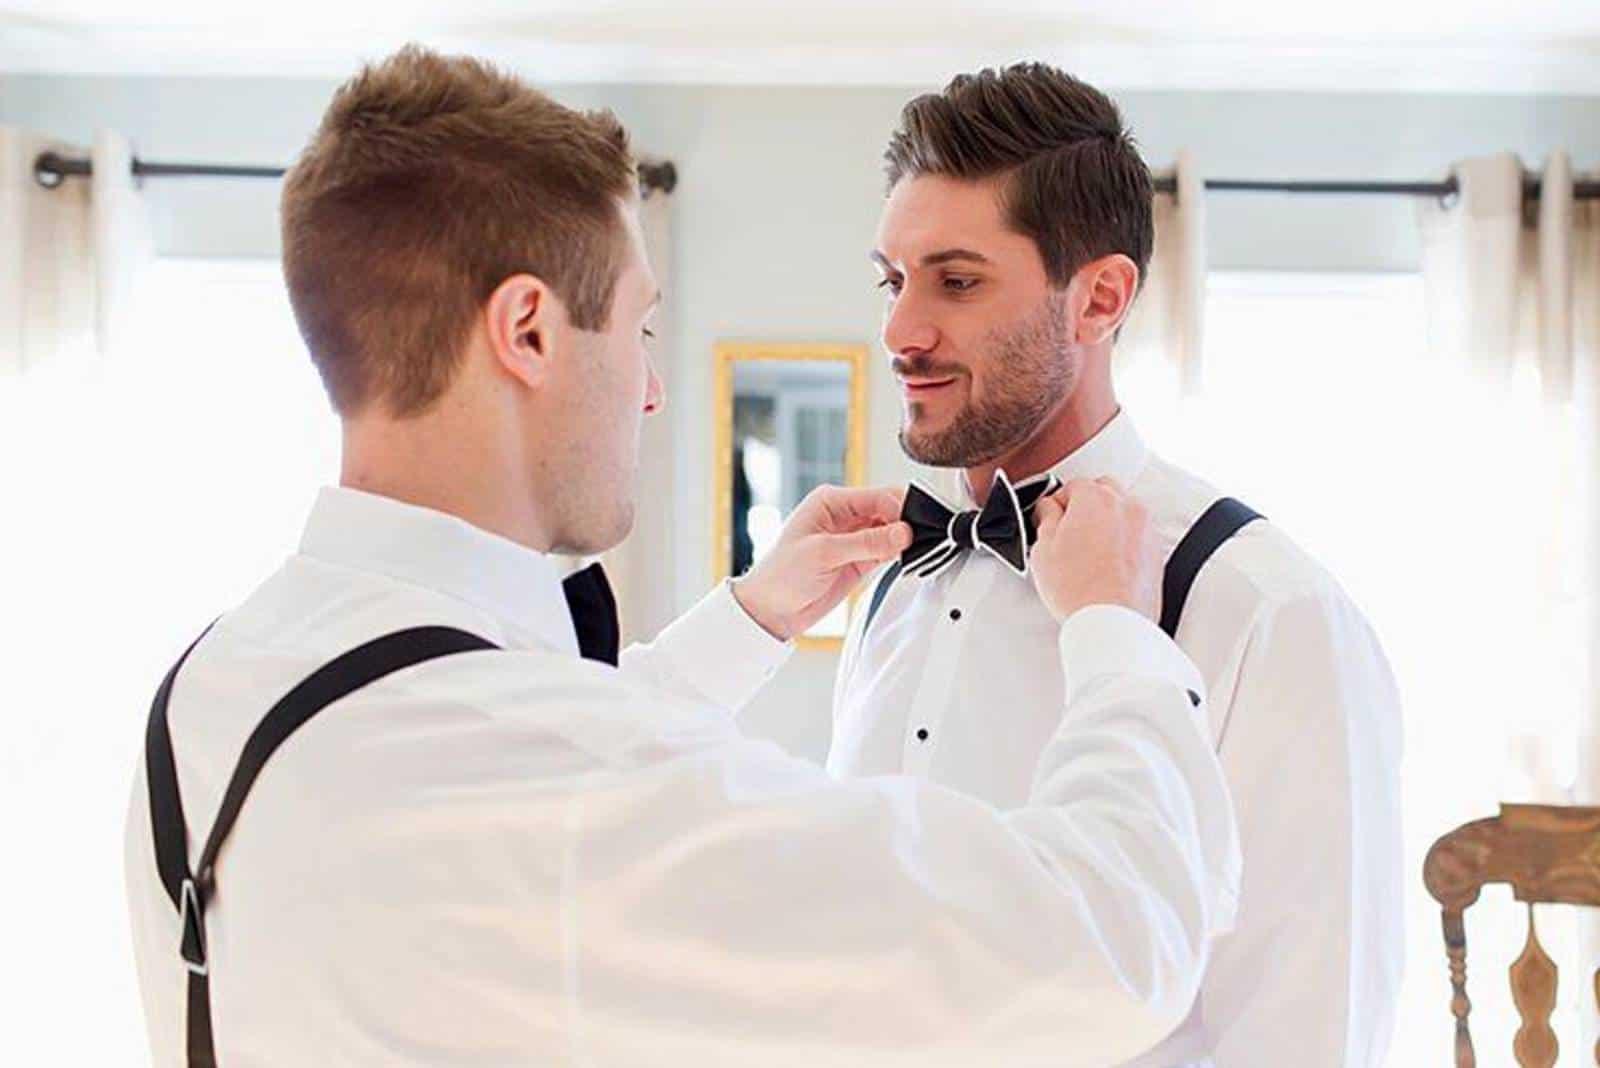 Trauzeuge und Bräutigam wählen Outfit